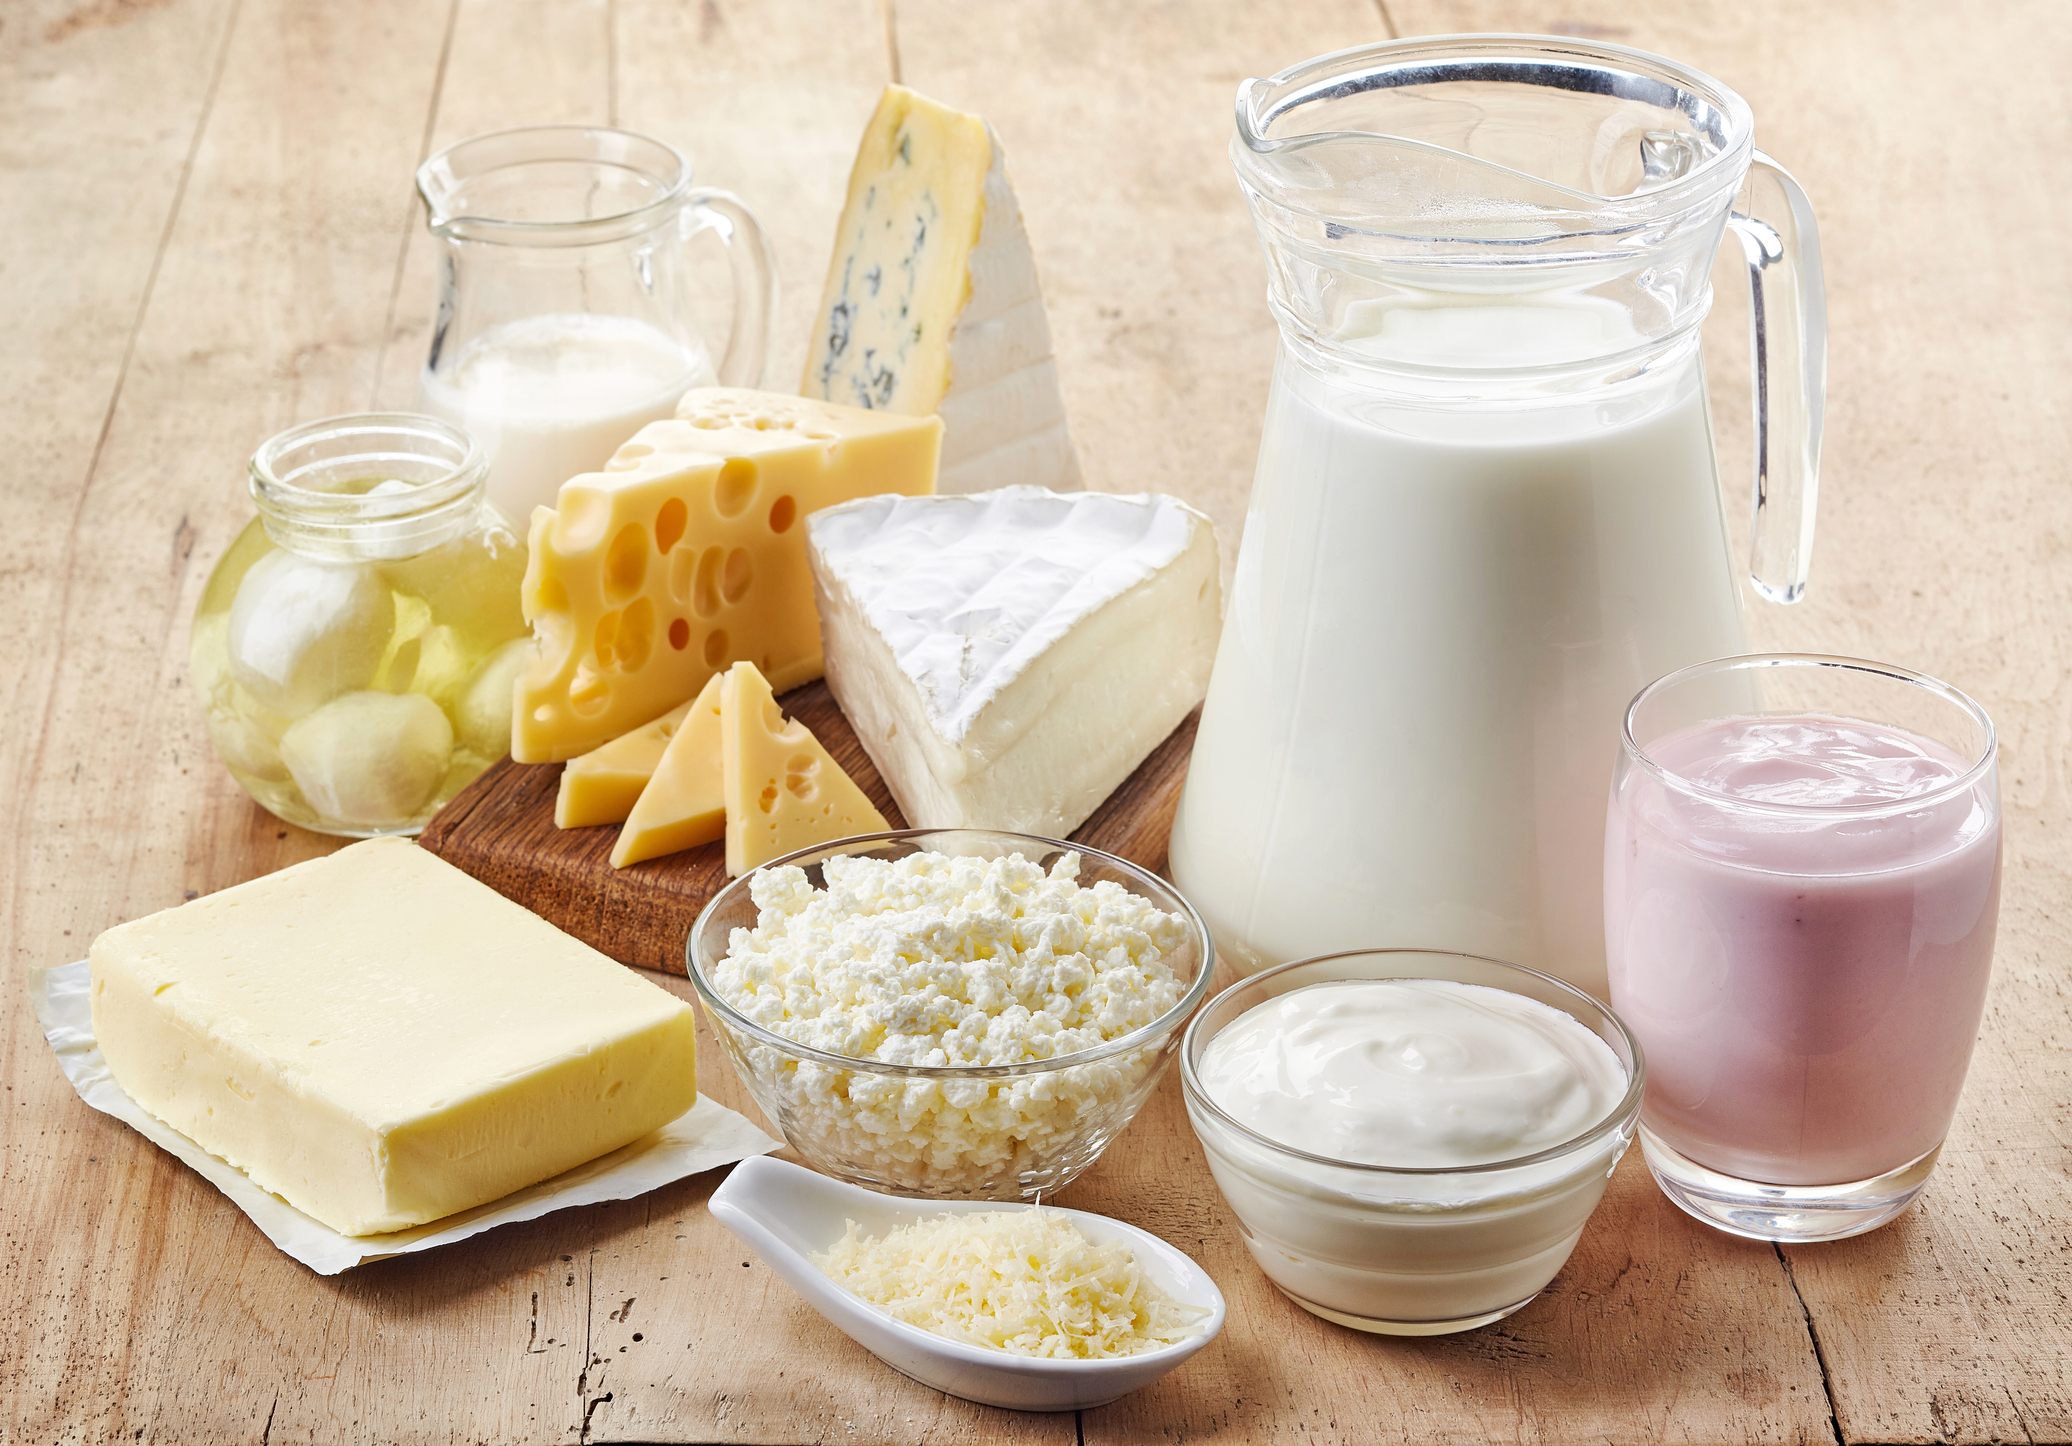 อาหารป้องกันโรคกระดูกพรุน